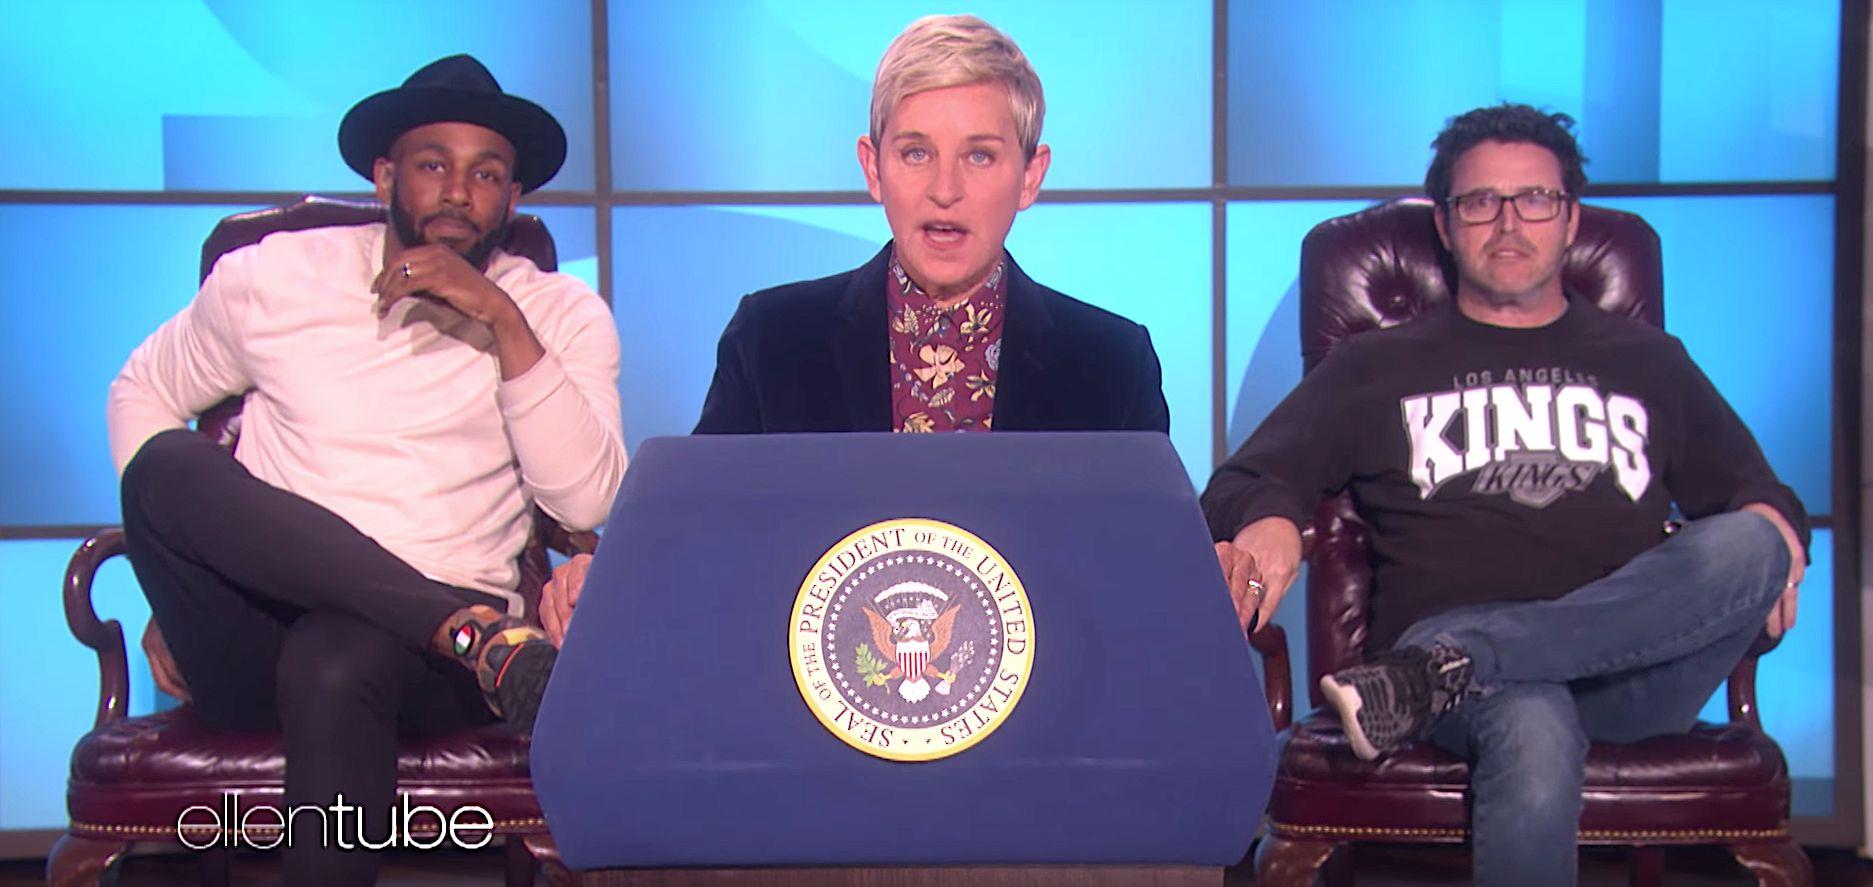 Ellen DeGeneres Trolls Trump With Spoof 'Love' State Of The